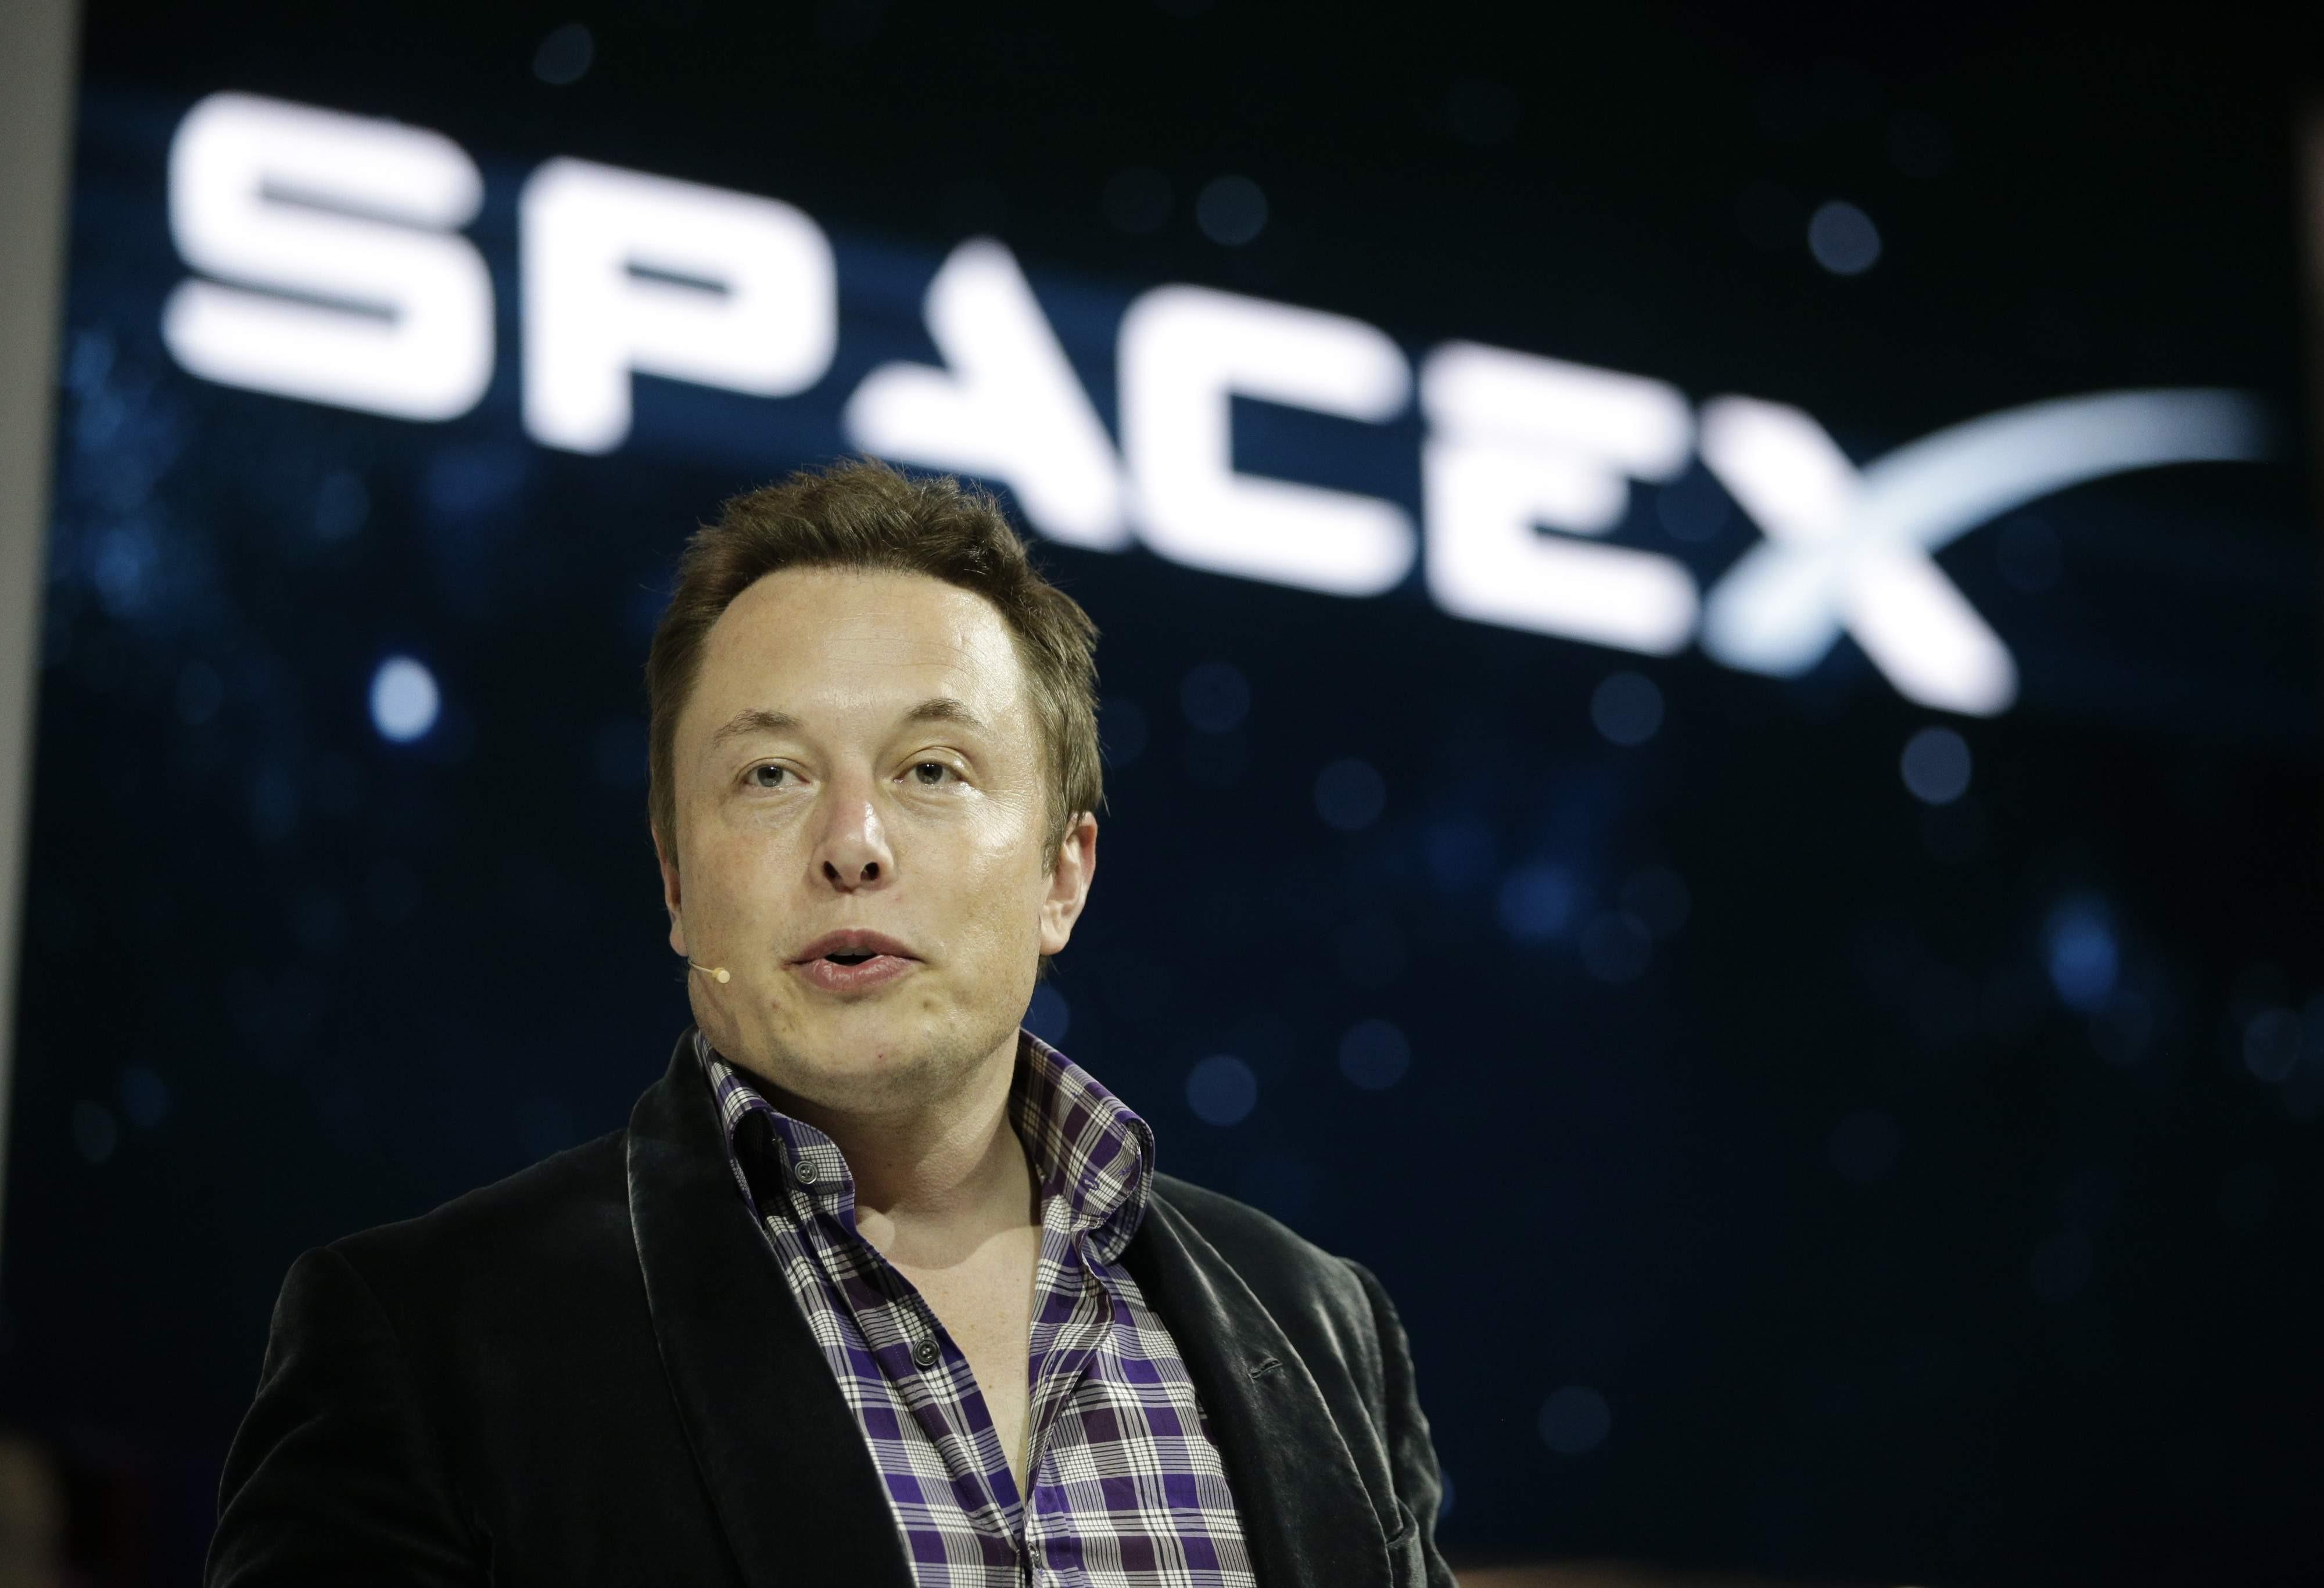 Запуск ракеты Falcon 9 может произойти 20 декабря — Илон Маск